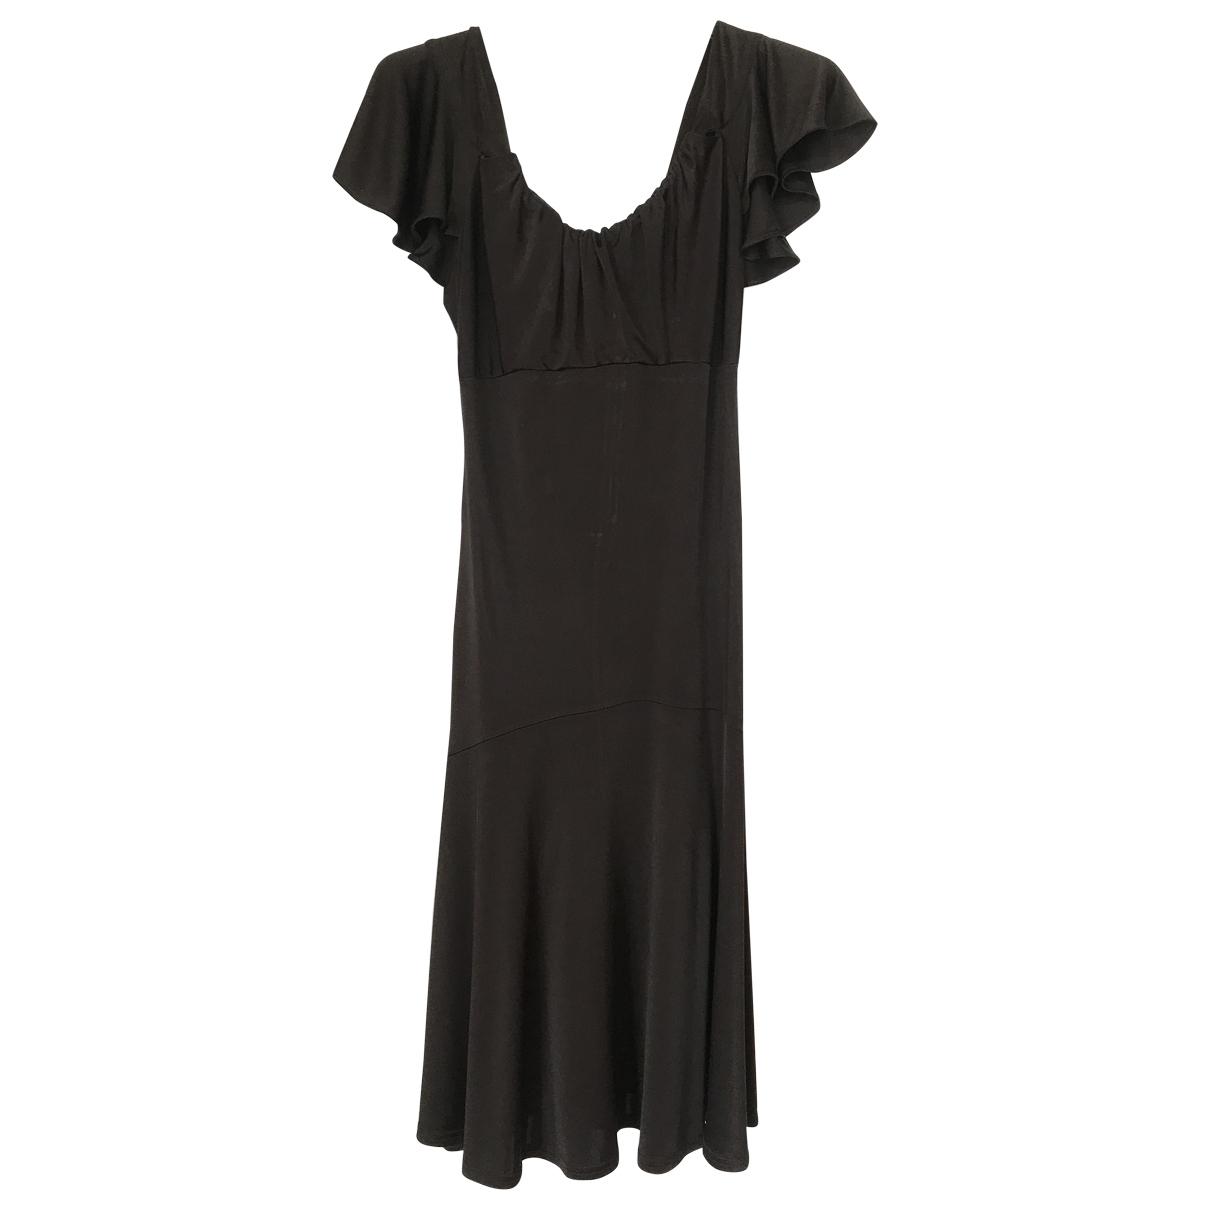 Michael Kors - Robe   pour femme - marron